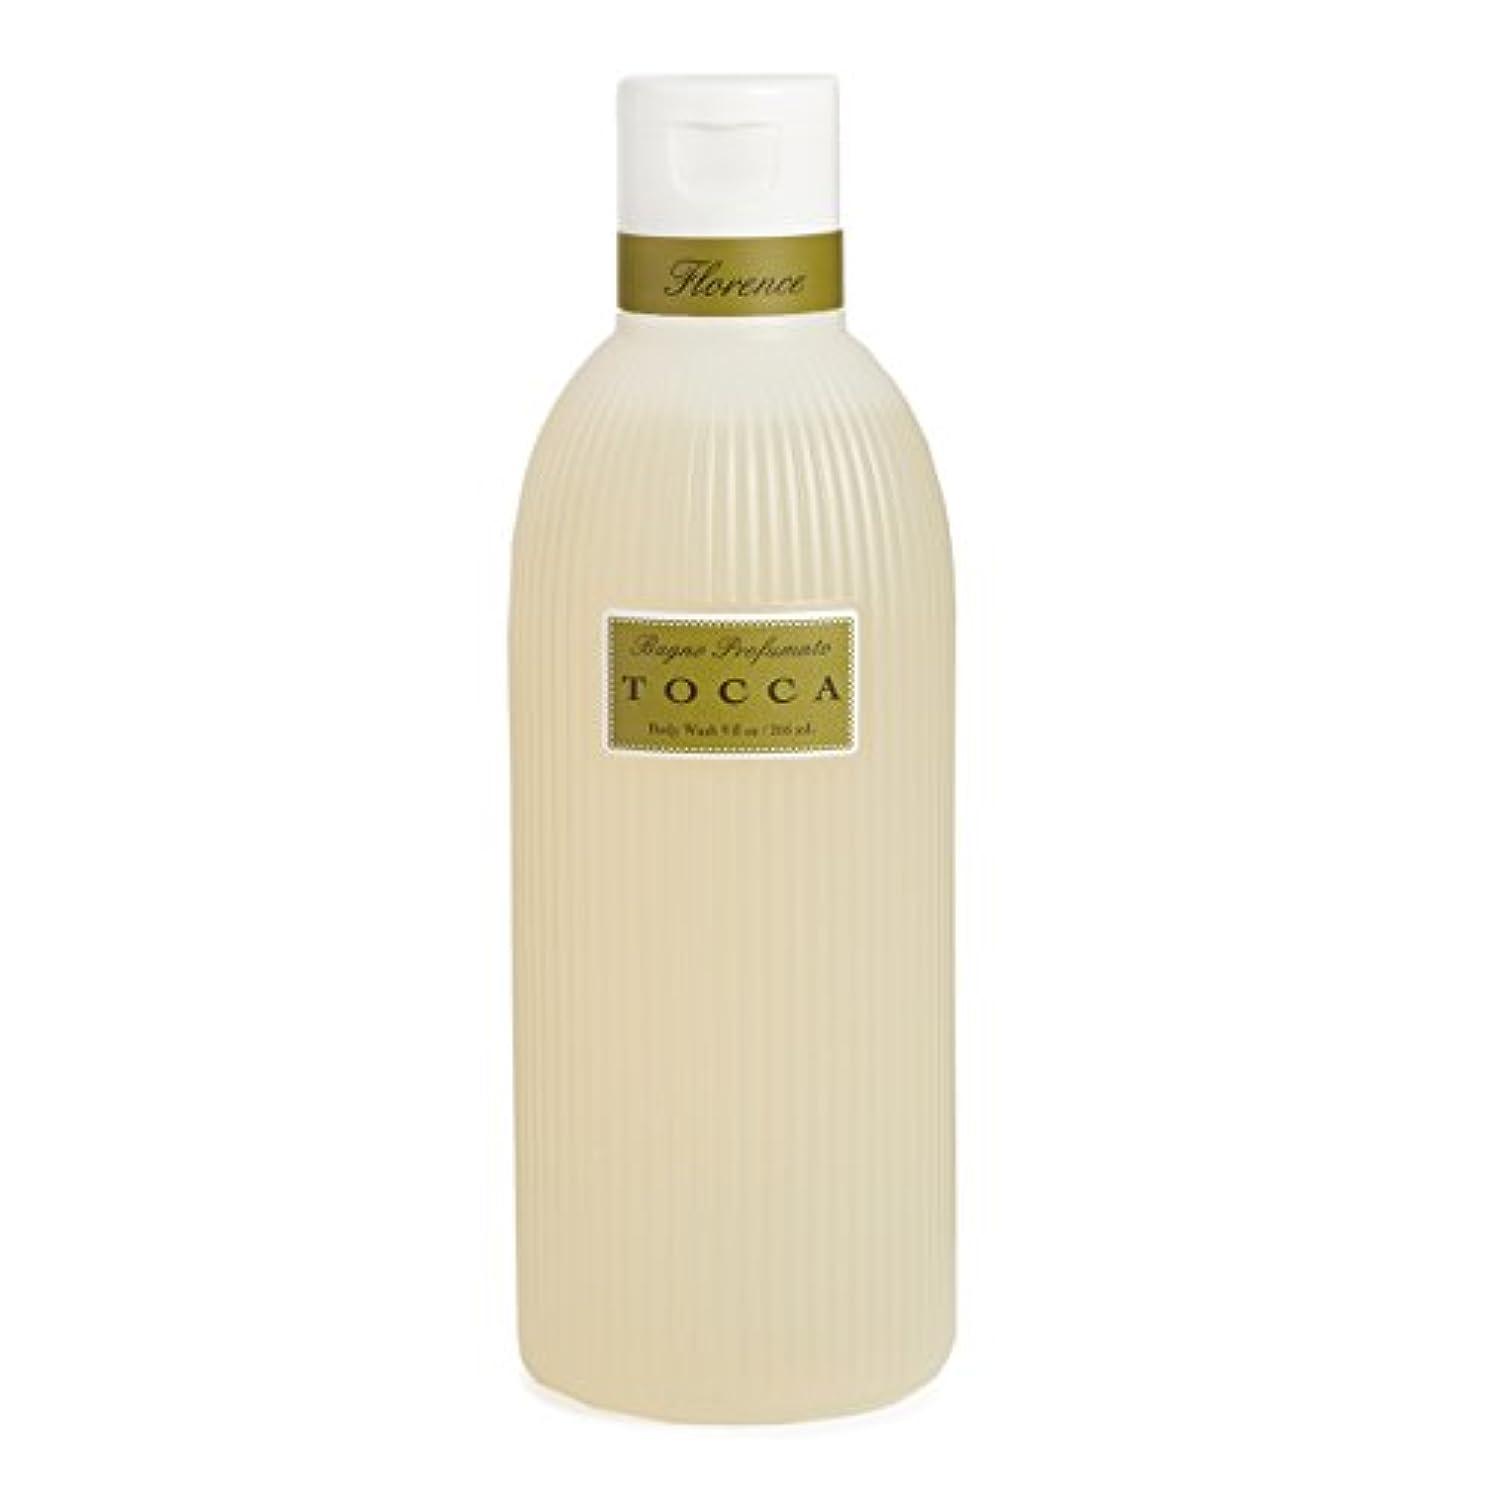 かんたん山岳を除くトッカ(TOCCA) ボディーケアウォッシュ フローレンスの香り 266ml(全身用洗浄料 ボディーソープ ガーデニアとベルガモットが誘うように溶け合うどこまでも上品なフローラルの香り)